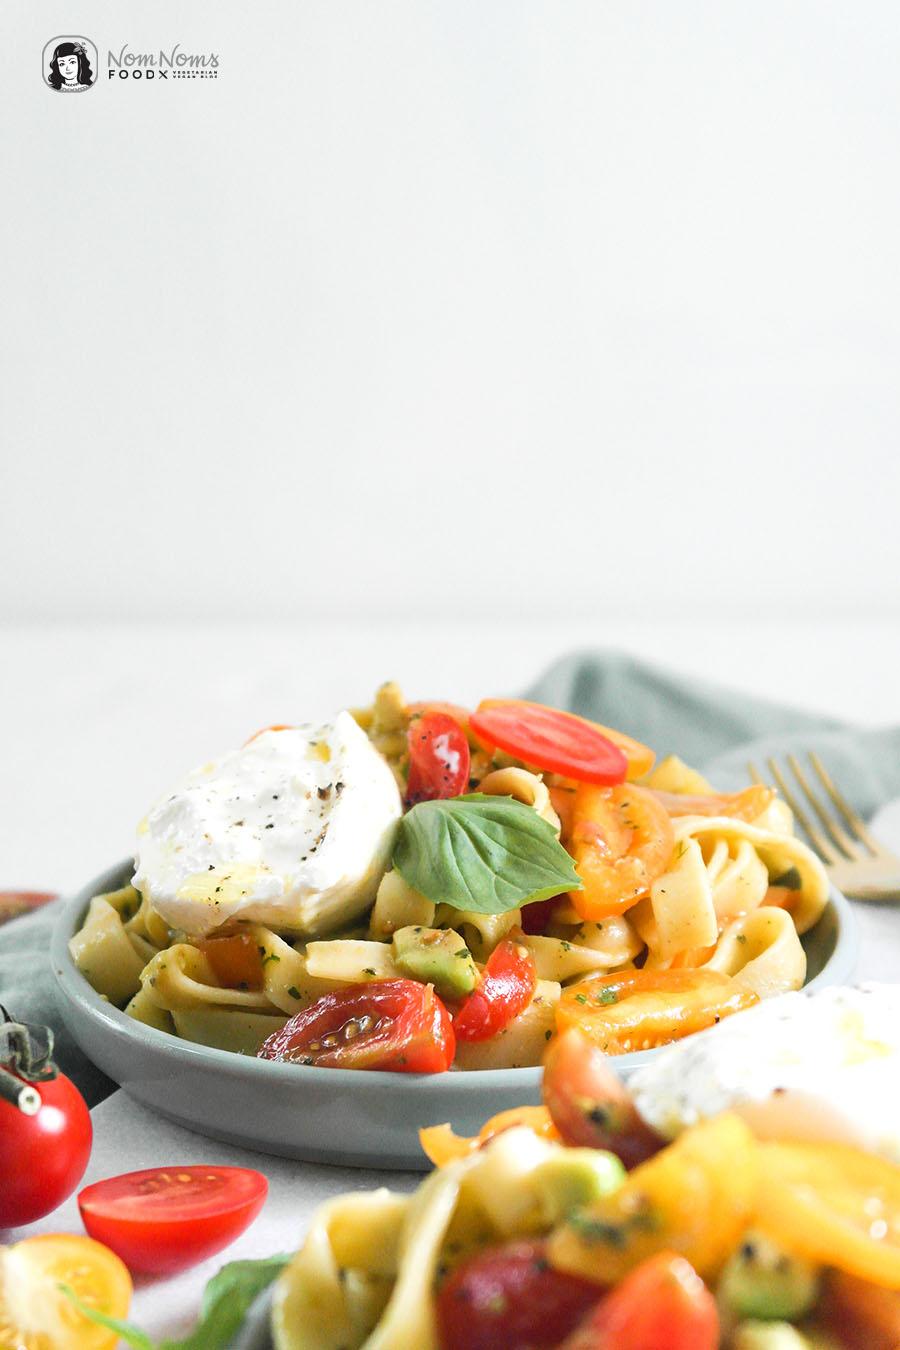 Schnelle Avocado-Tomaten-Pasta mit Burrata - Fix auf dem Tisch